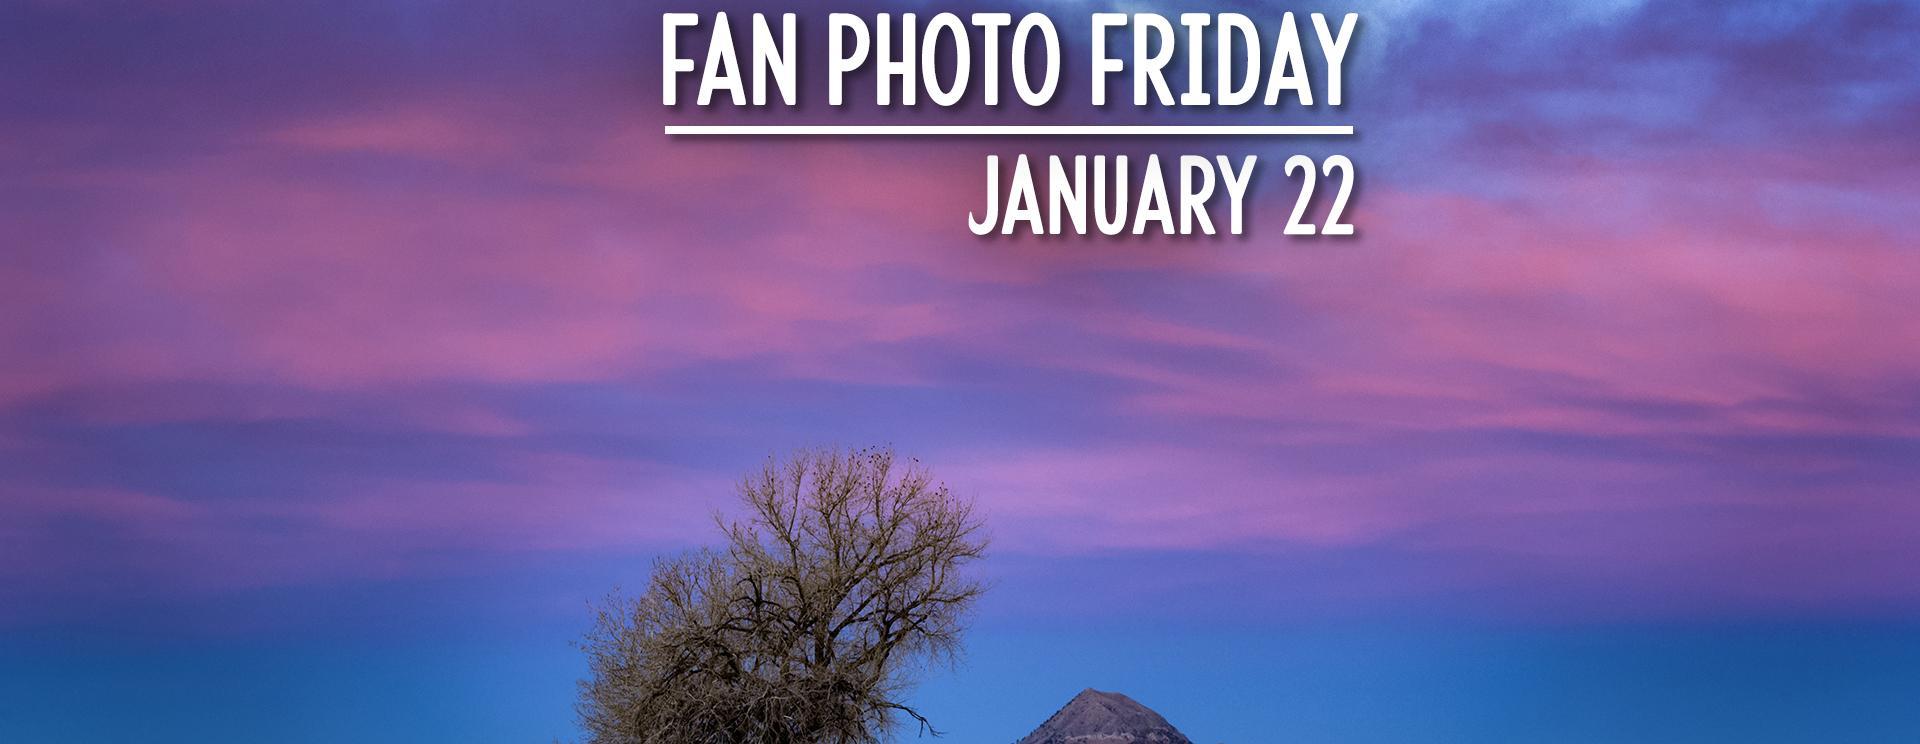 Fan Photo Friday | January 22, 2021